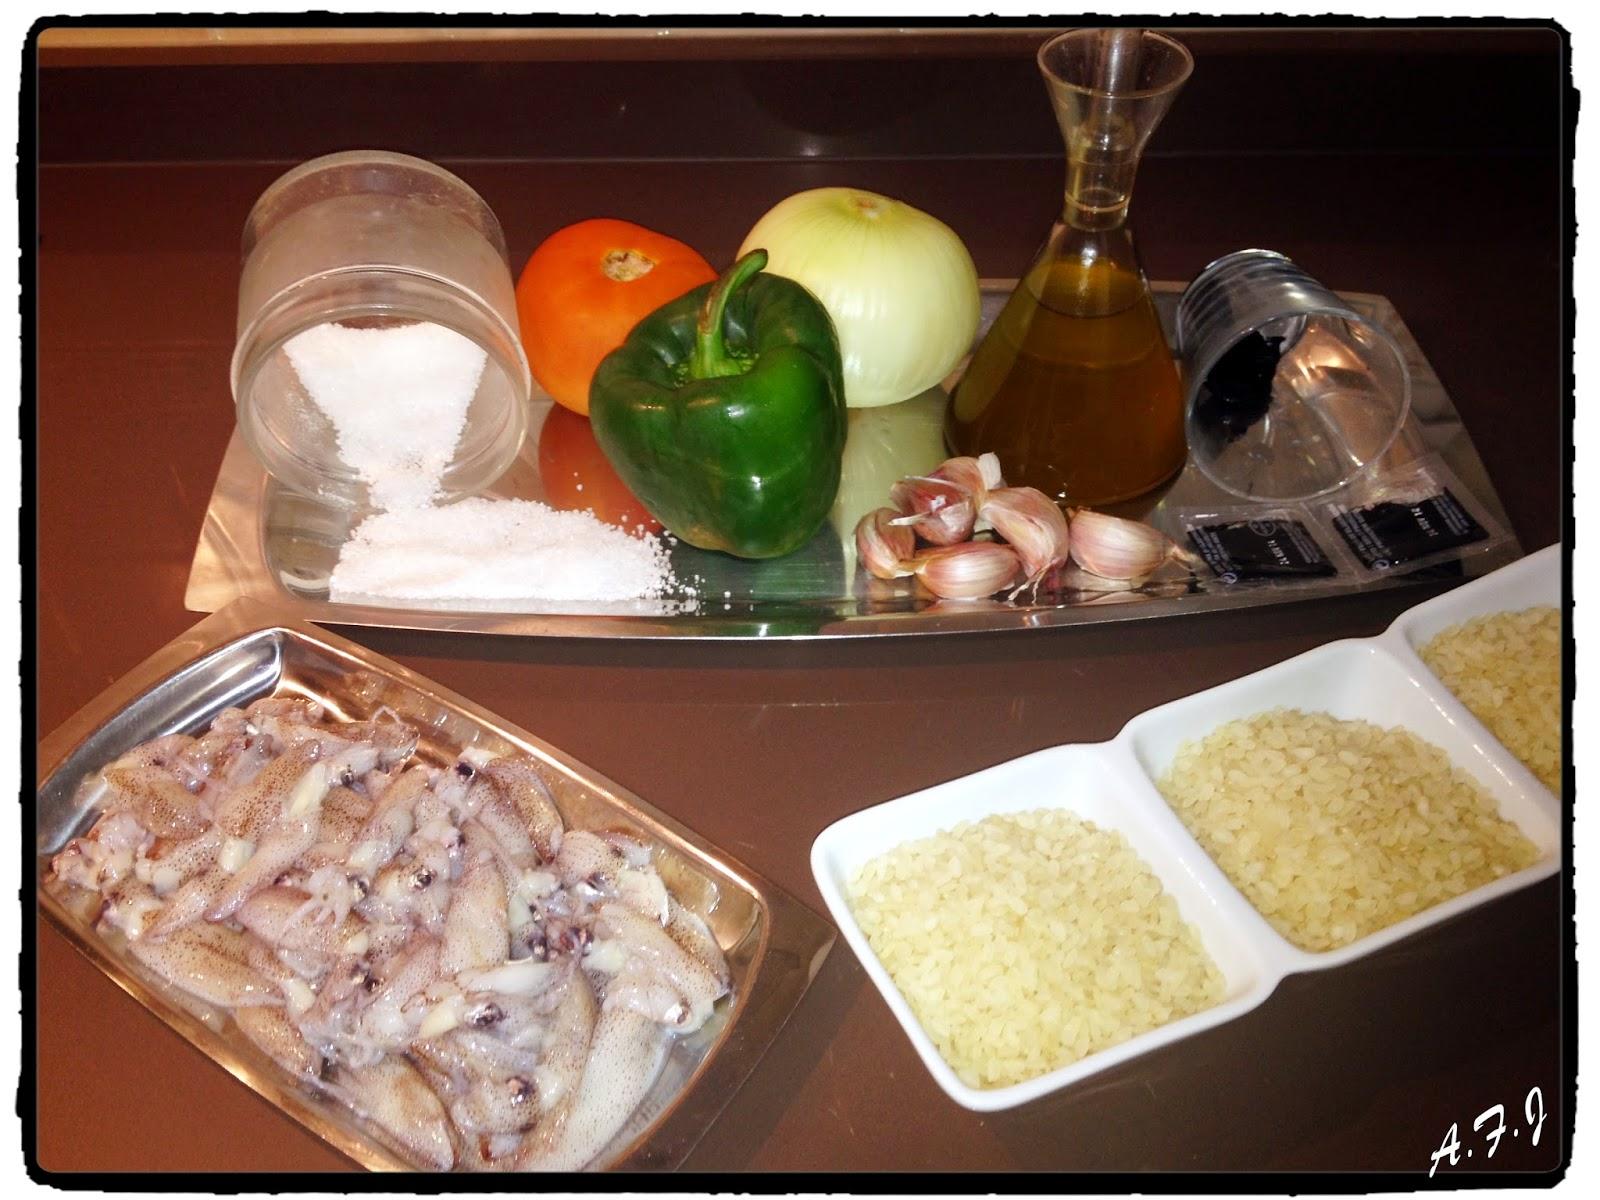 Cocina tu alegr a arroz negro de vegas altas con for Cocina con alegria